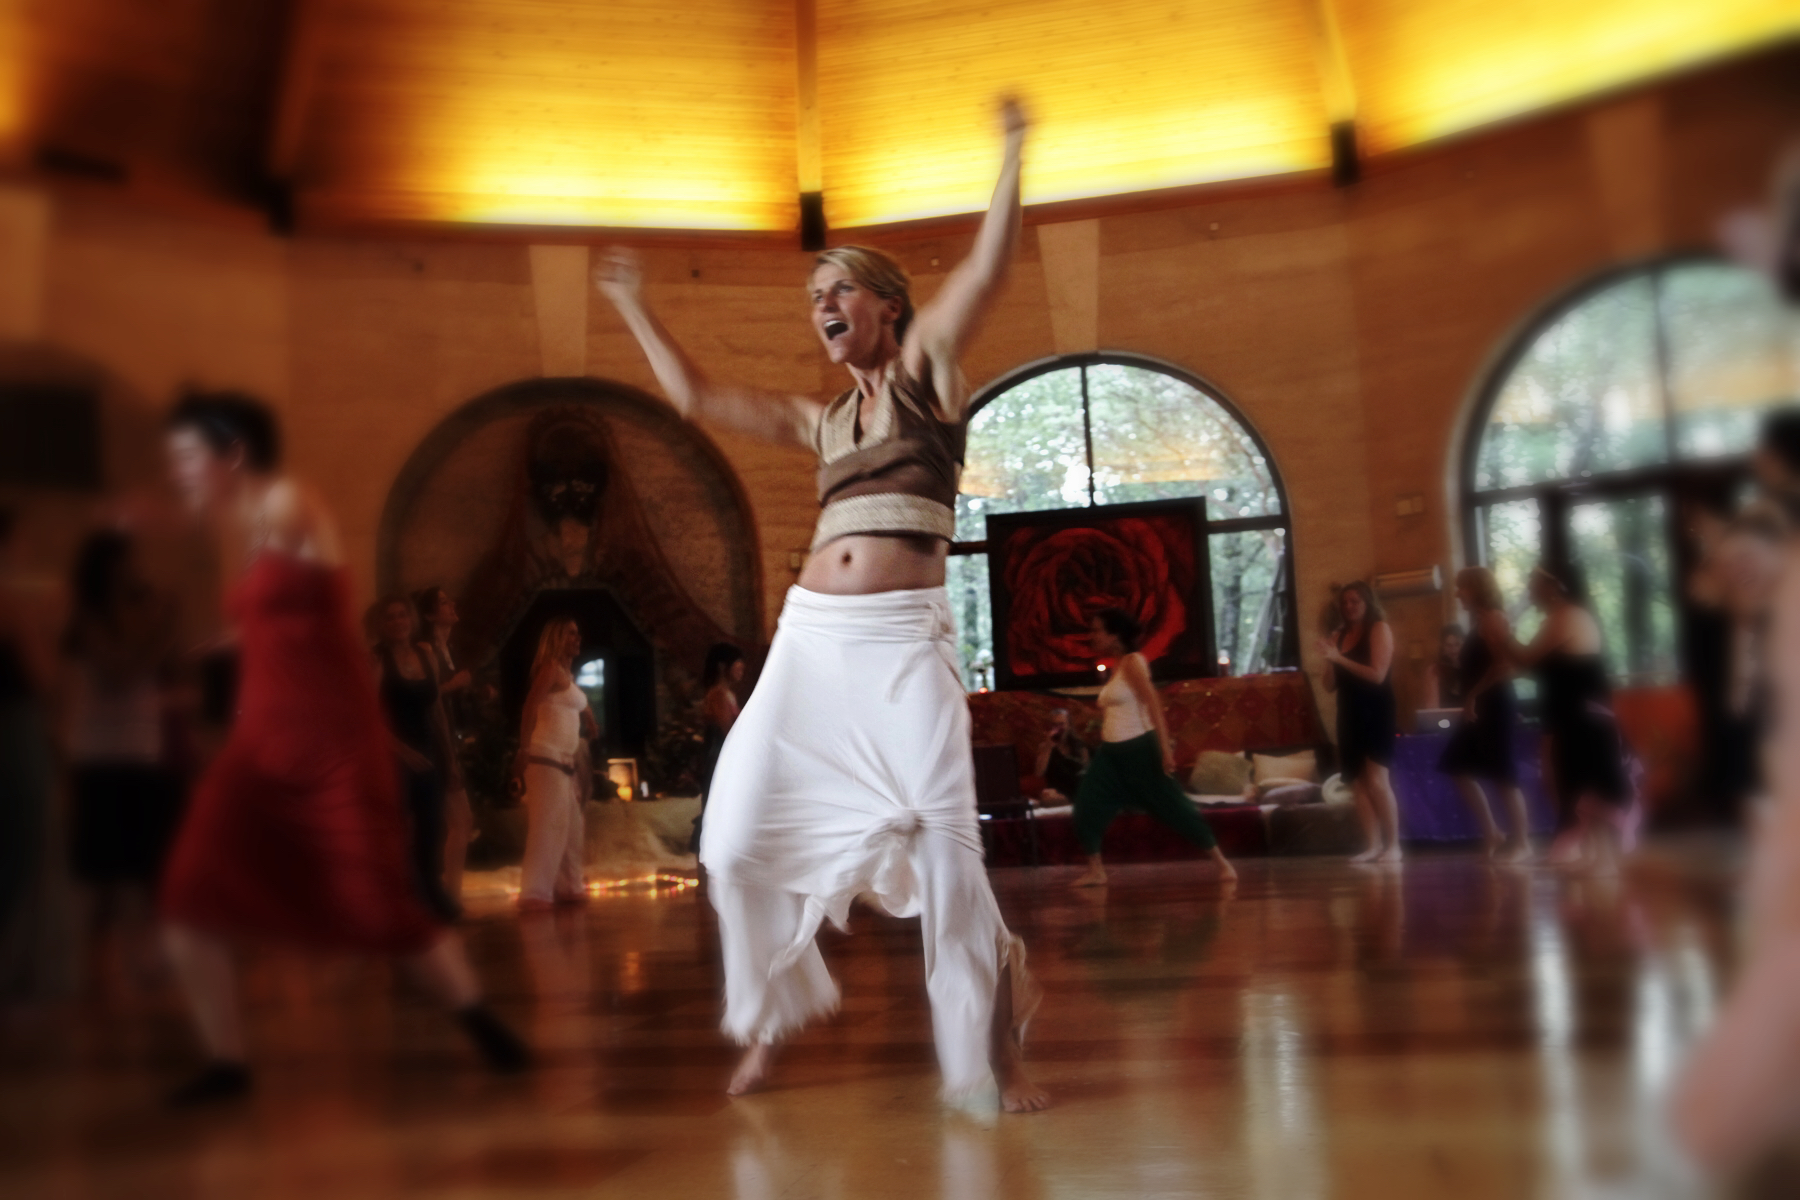 Steph Dancing